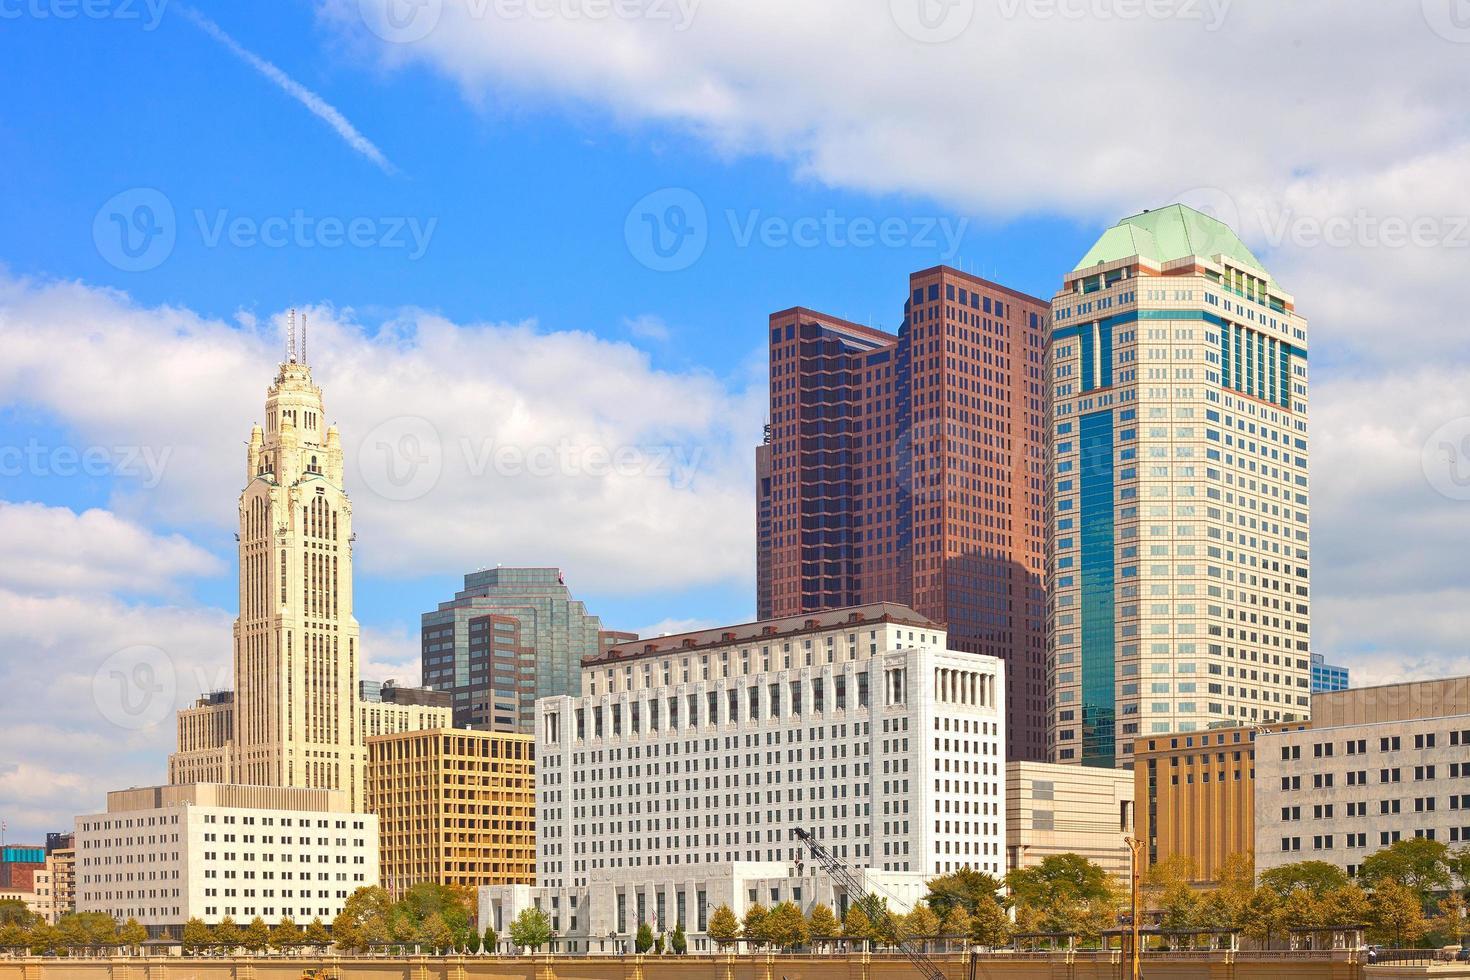 columbus ohio, bâtiments du centre-ville photo